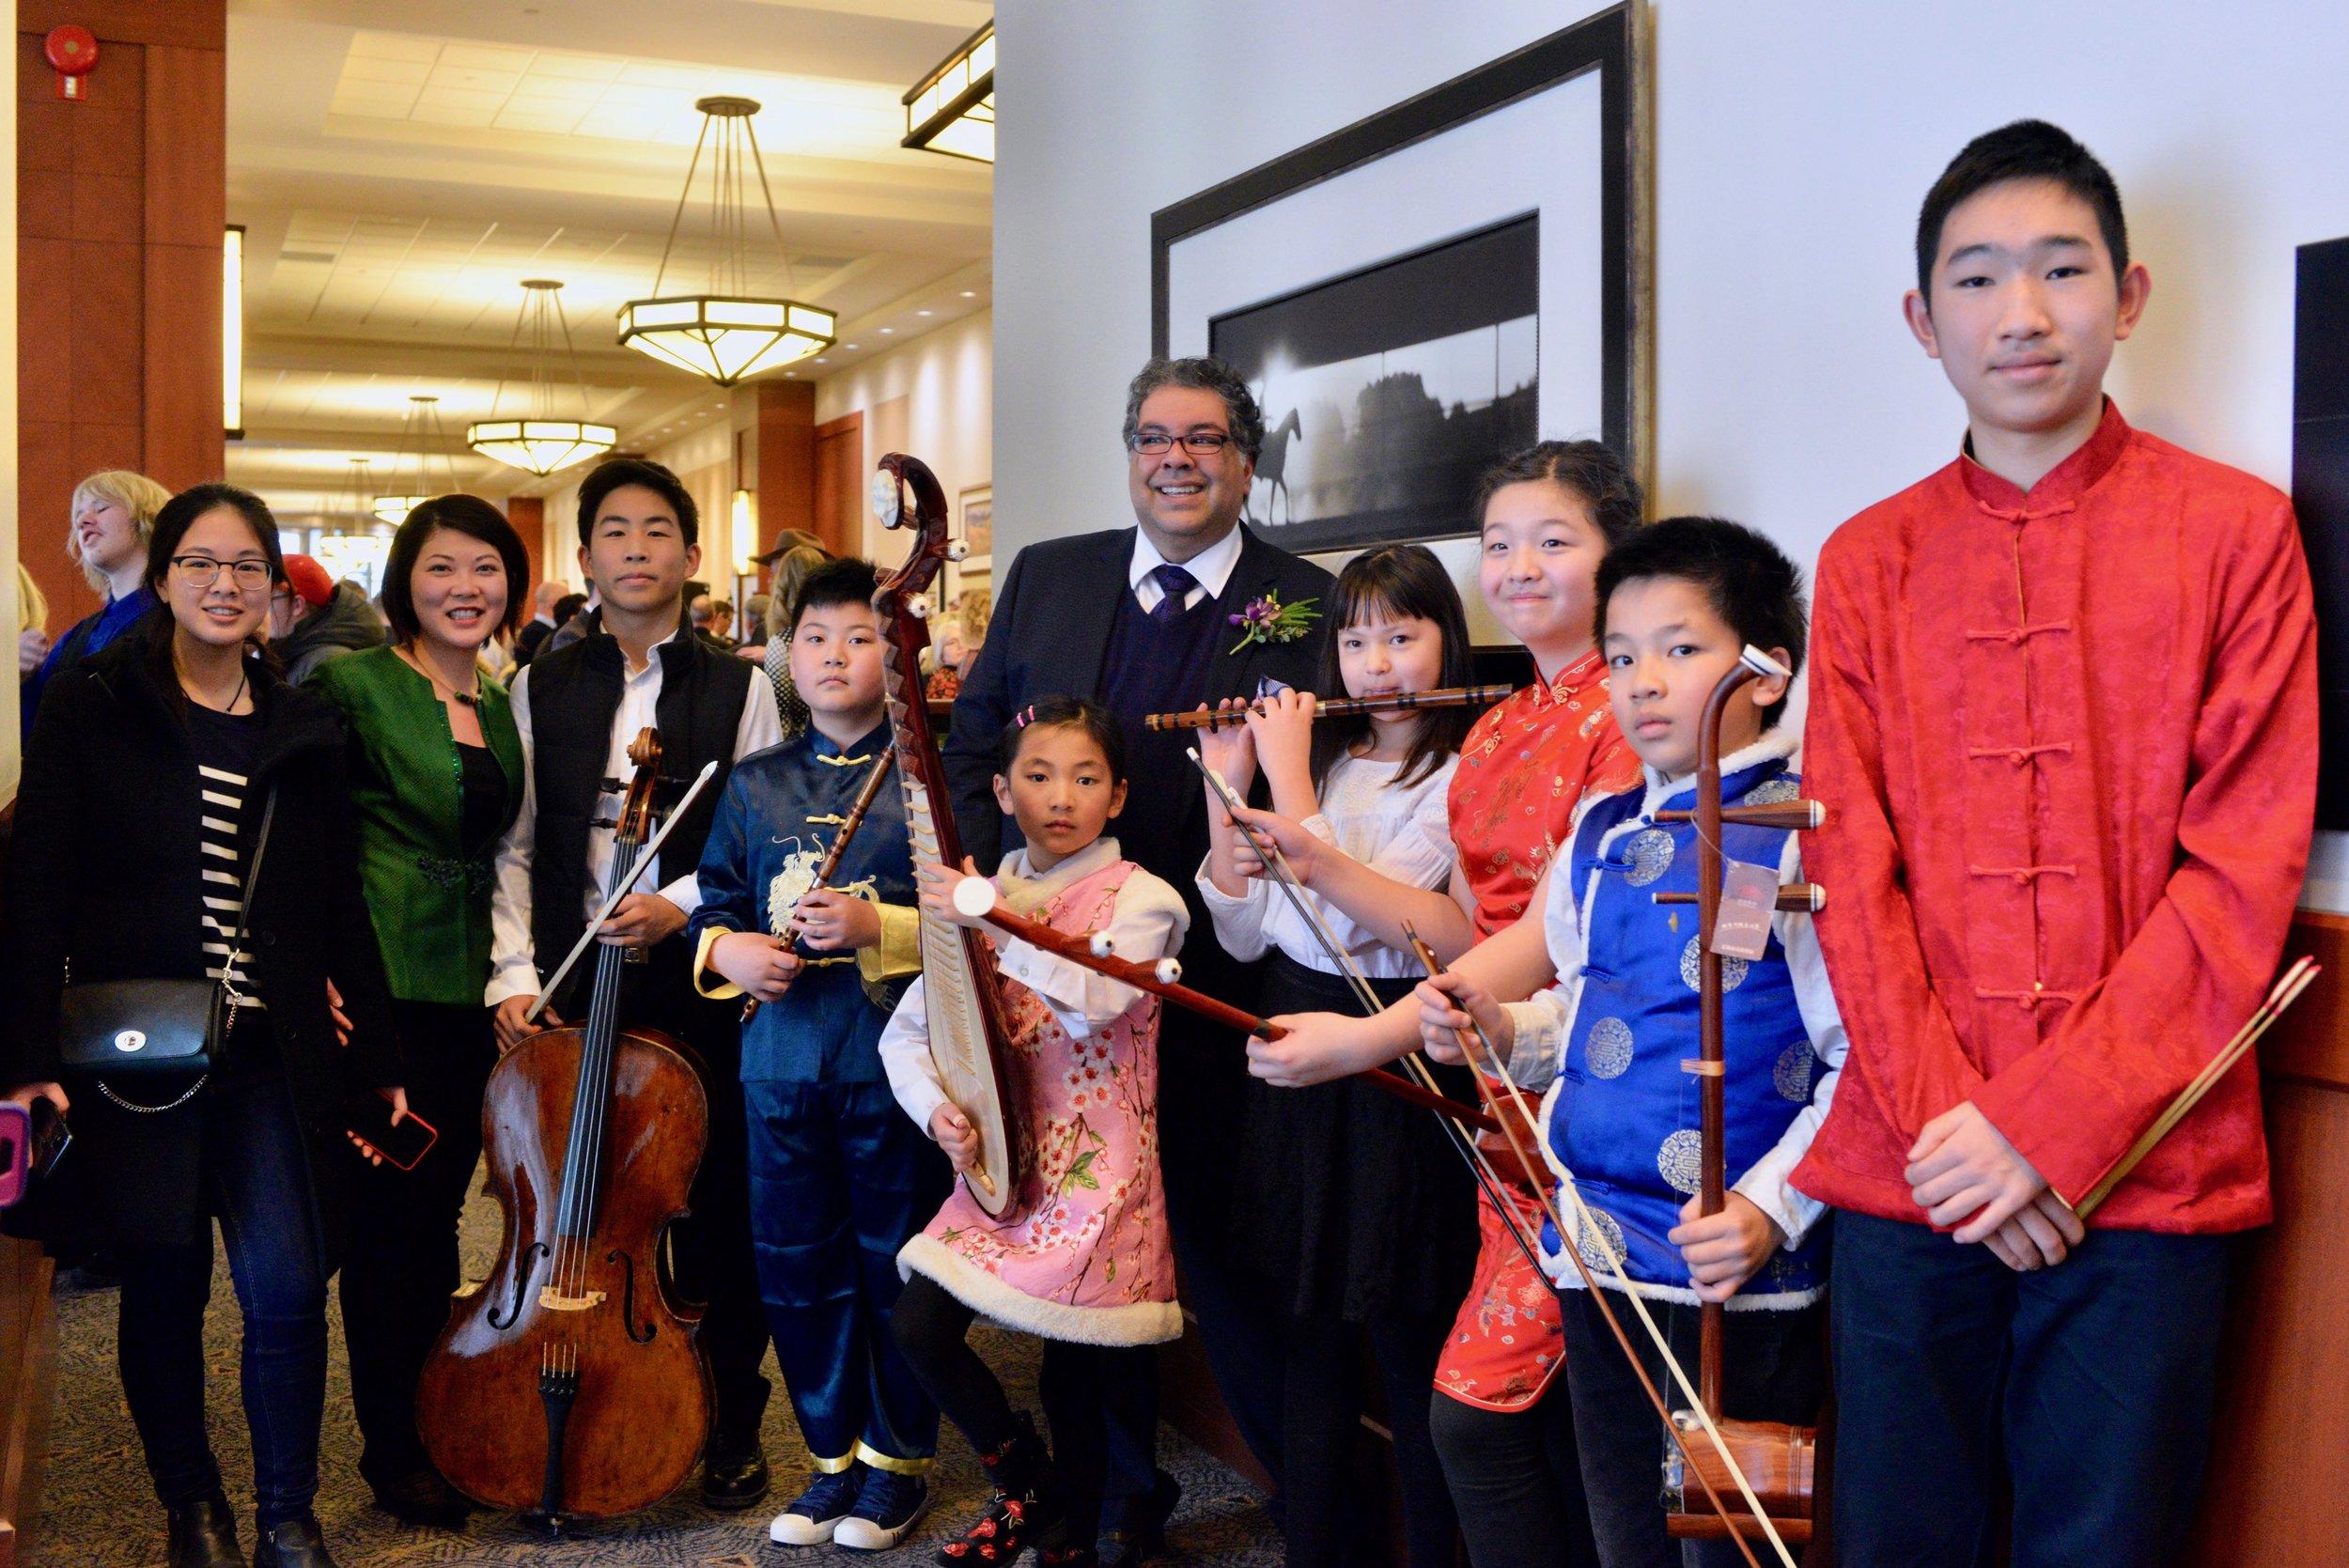 Calgary's mayor Naheed Nenshi enjoyed the performance